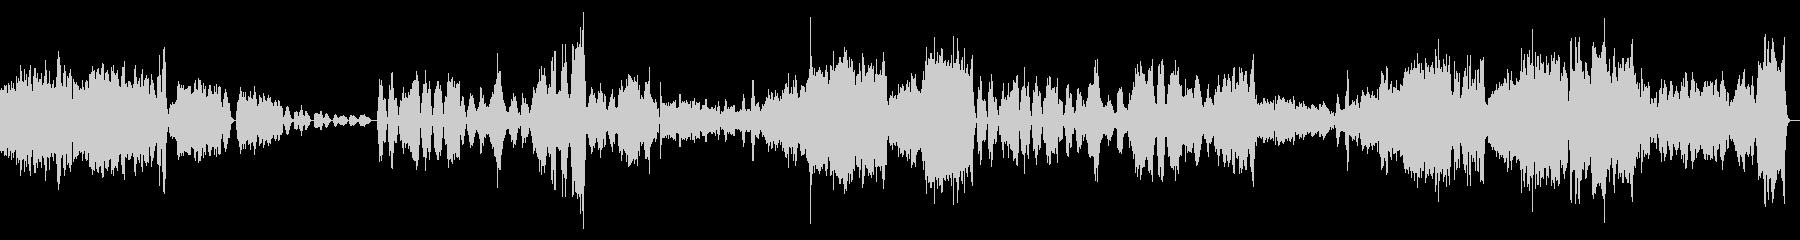 絶望感のあるクラシック『弦楽セレナーデ』の未再生の波形